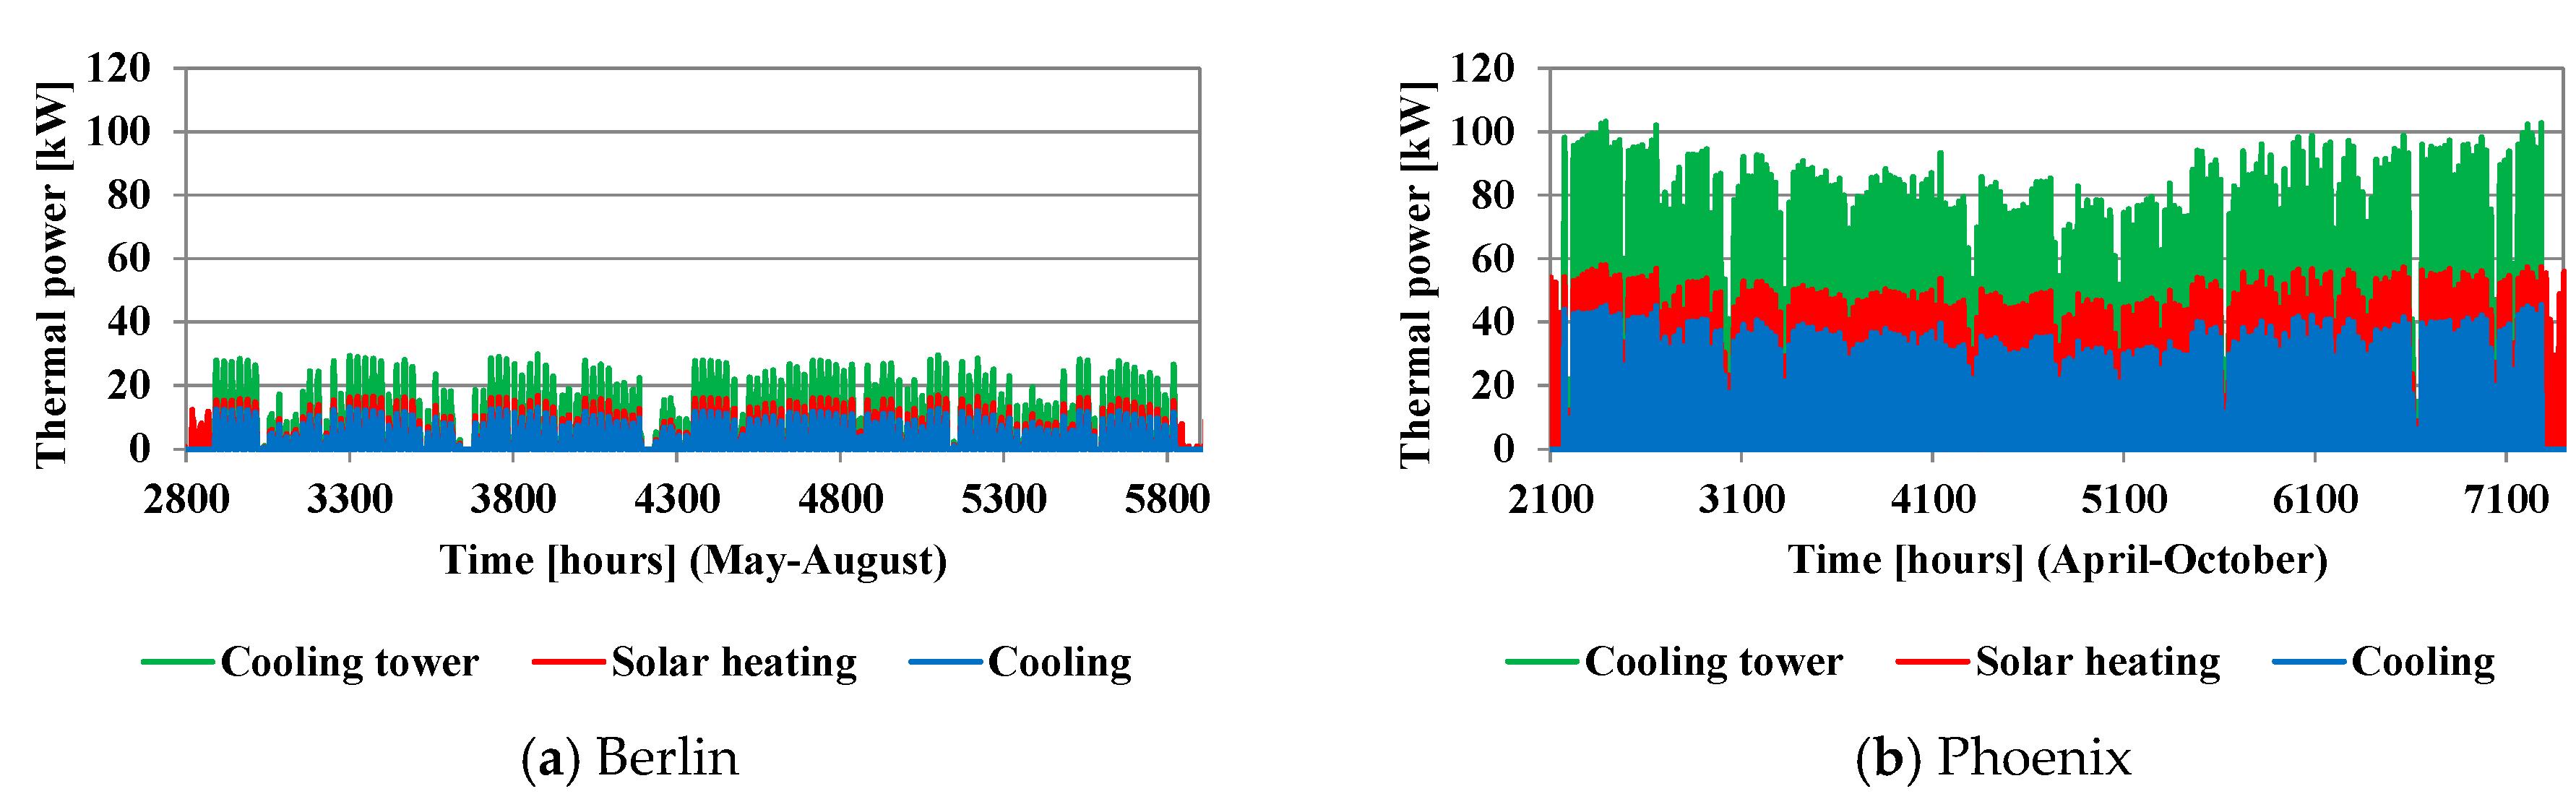 energies 12 02113 g021